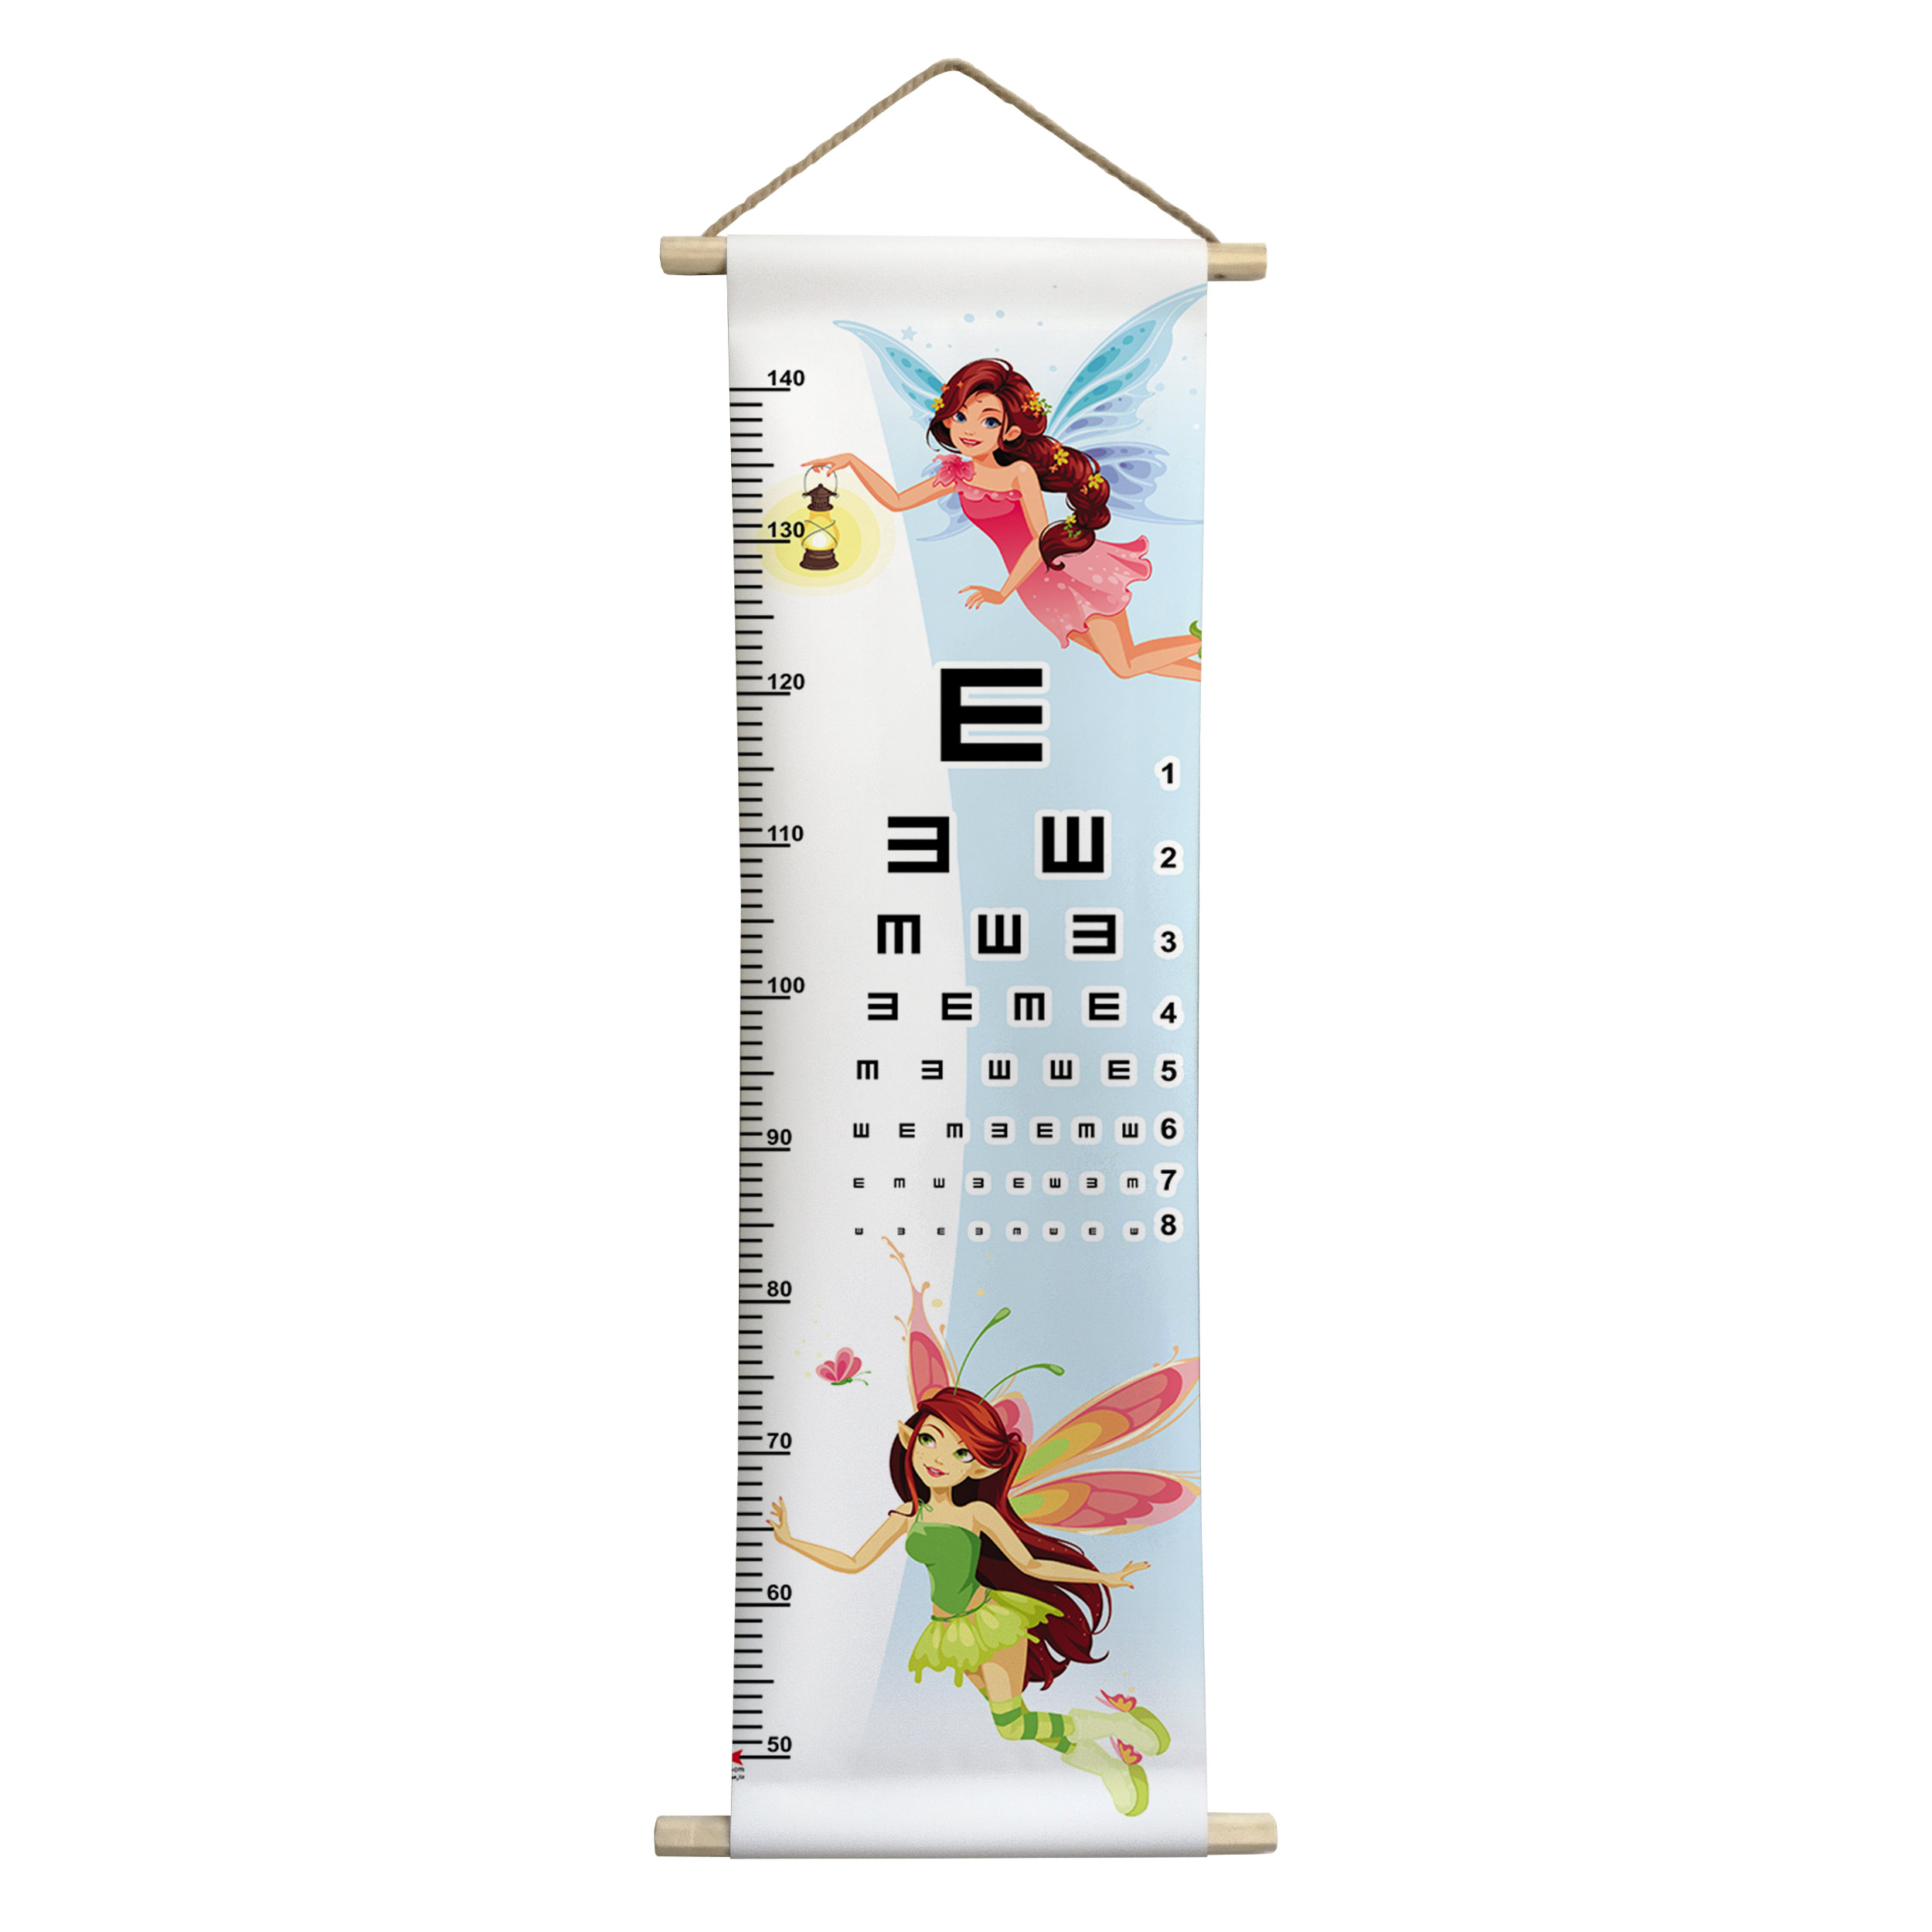 متر اندازه گیری کودک بنی دکو مدل 09